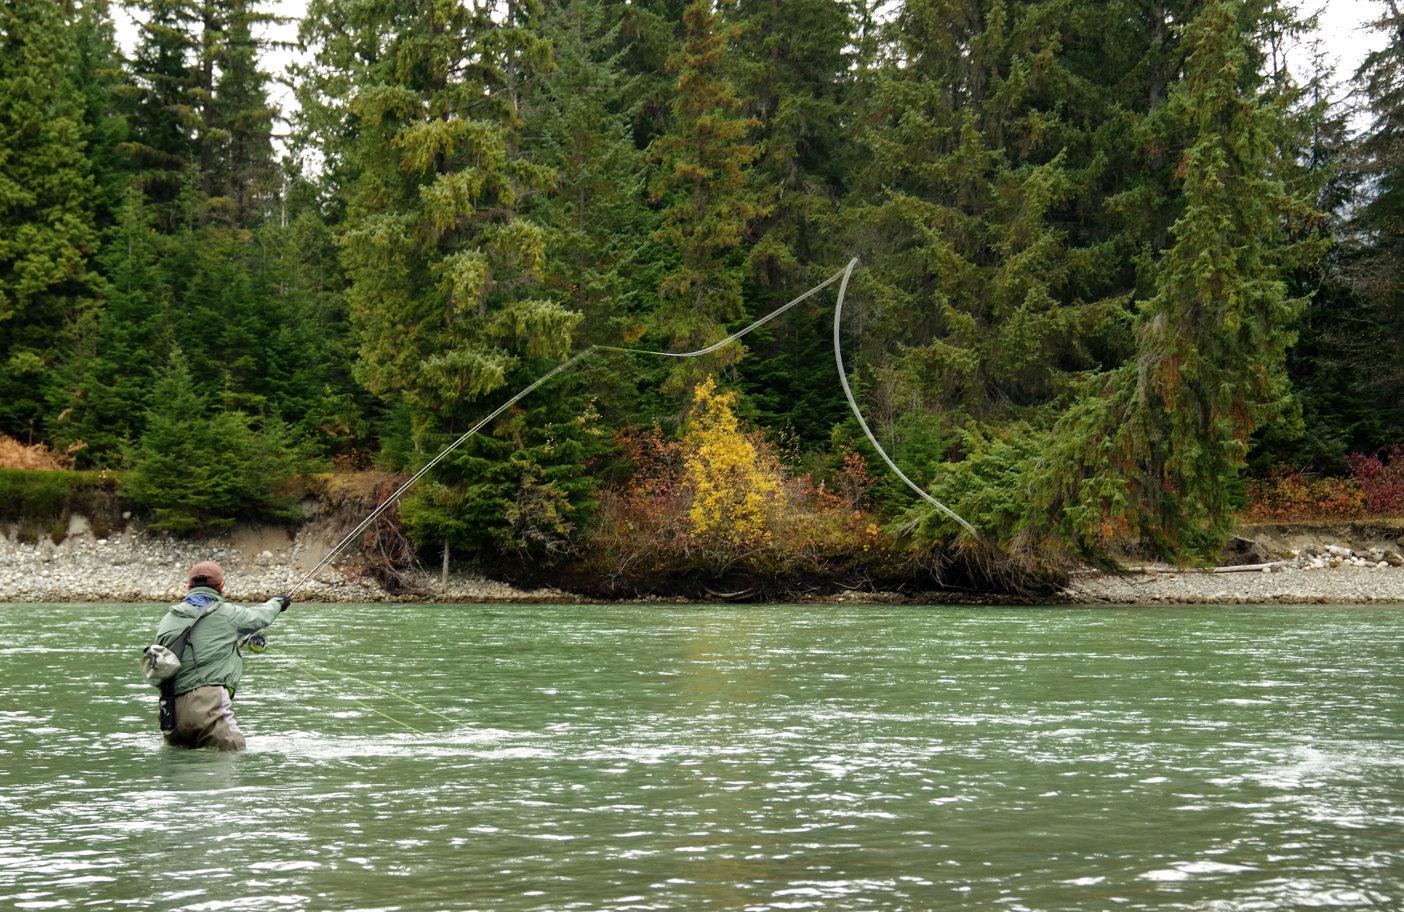 ケイラム川でキャスティングを繰り返す。写真:足立信正